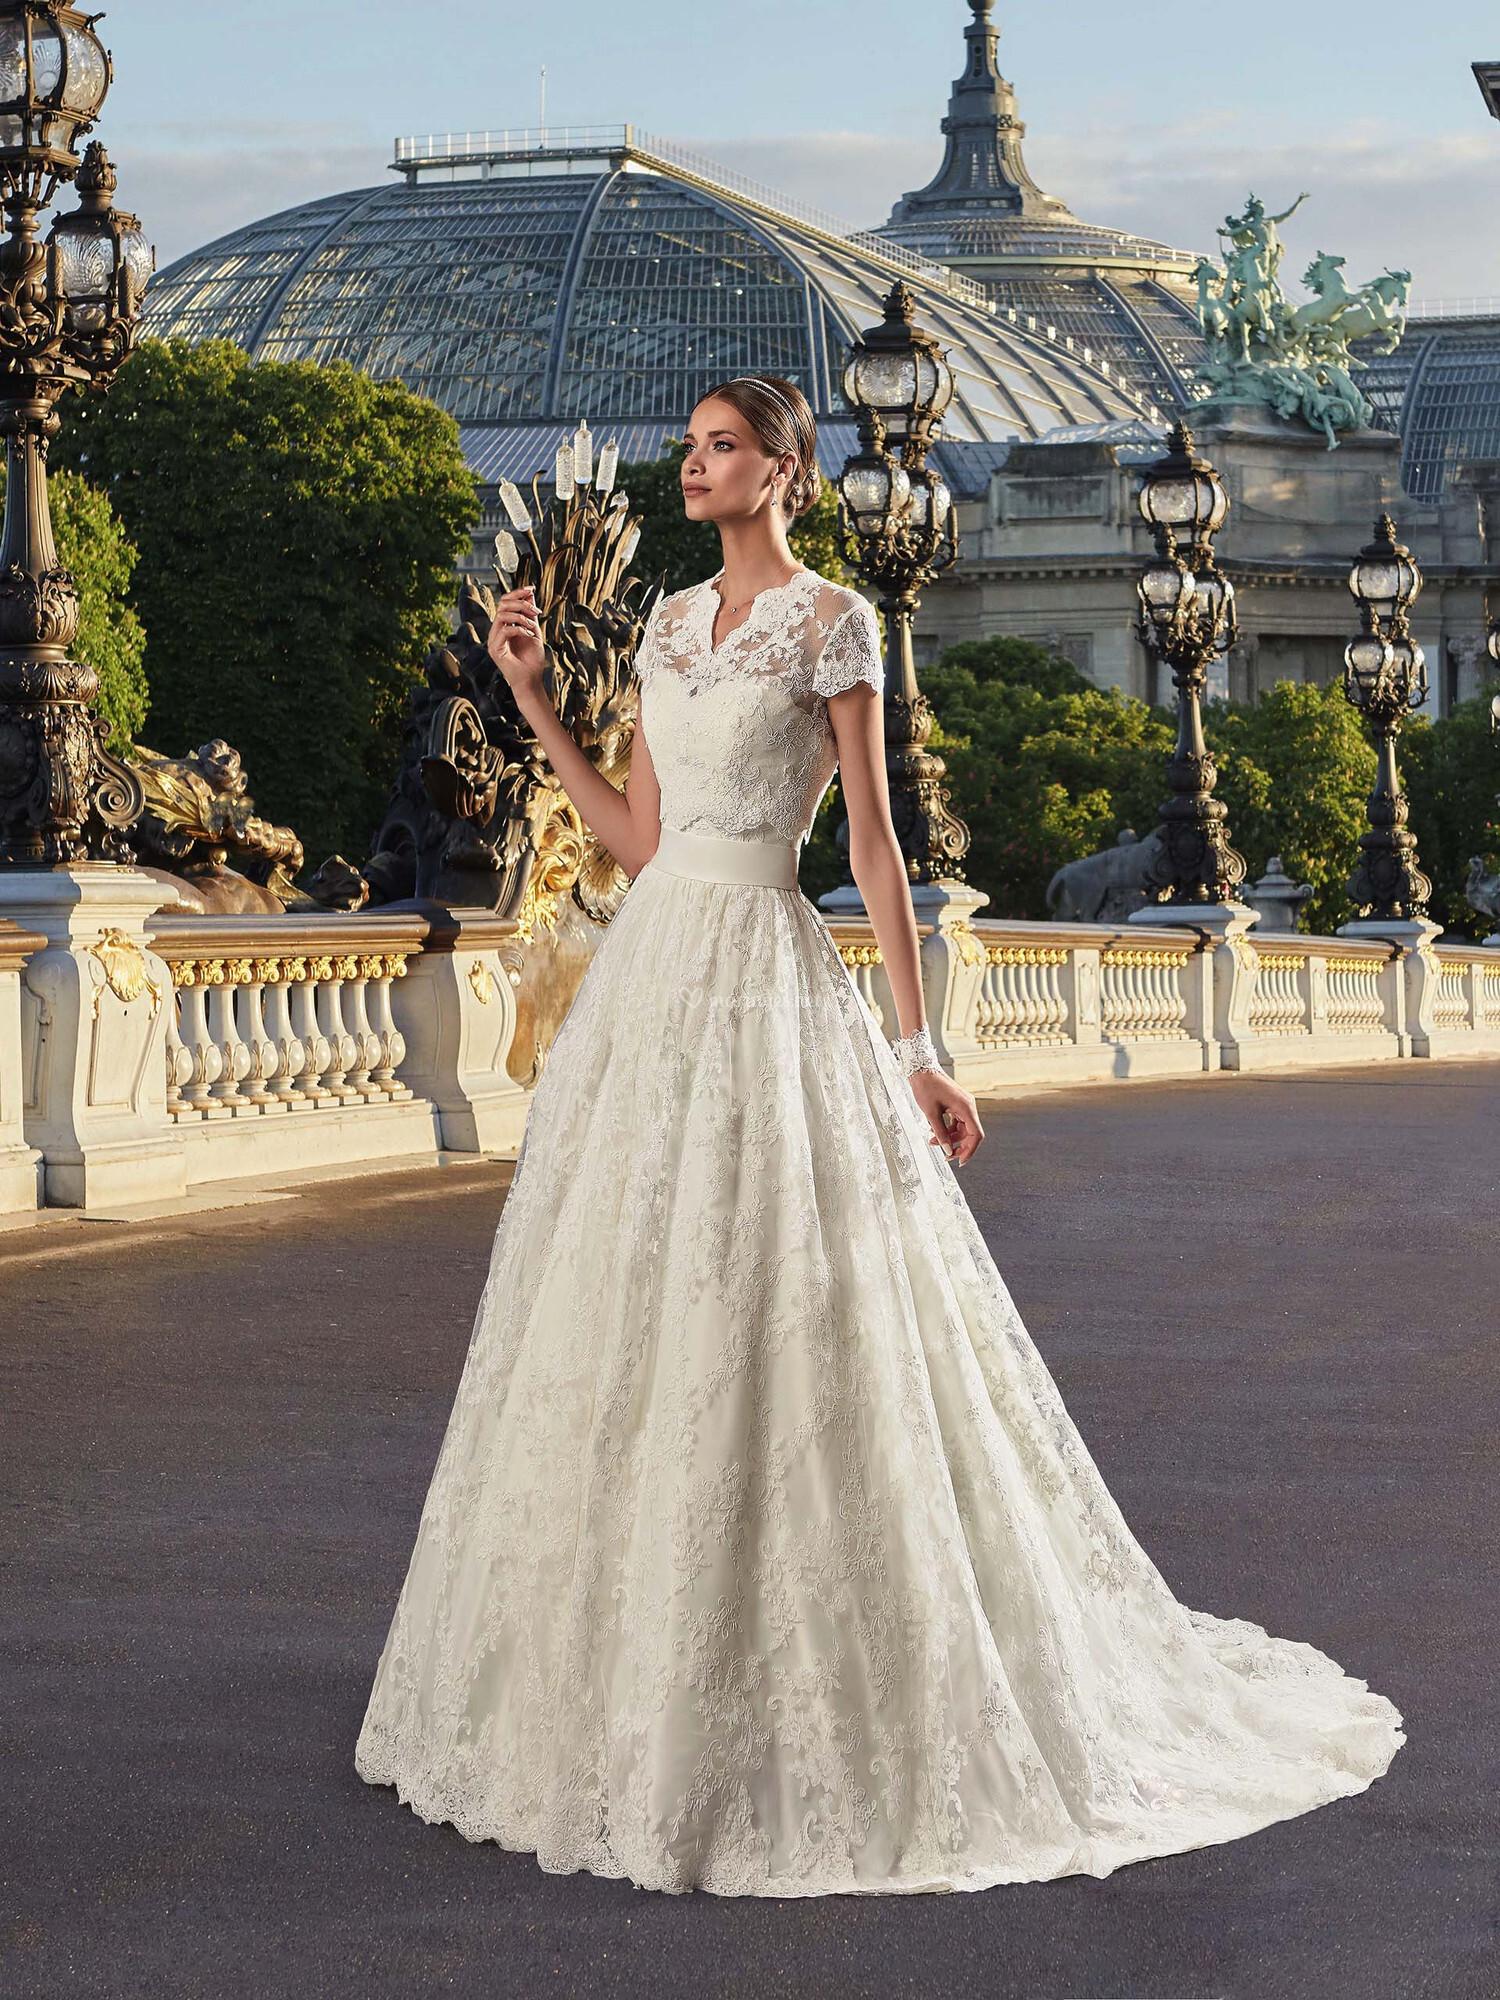 Robes De Mariée Sur Pronuptia Montreuil Mariagesnet